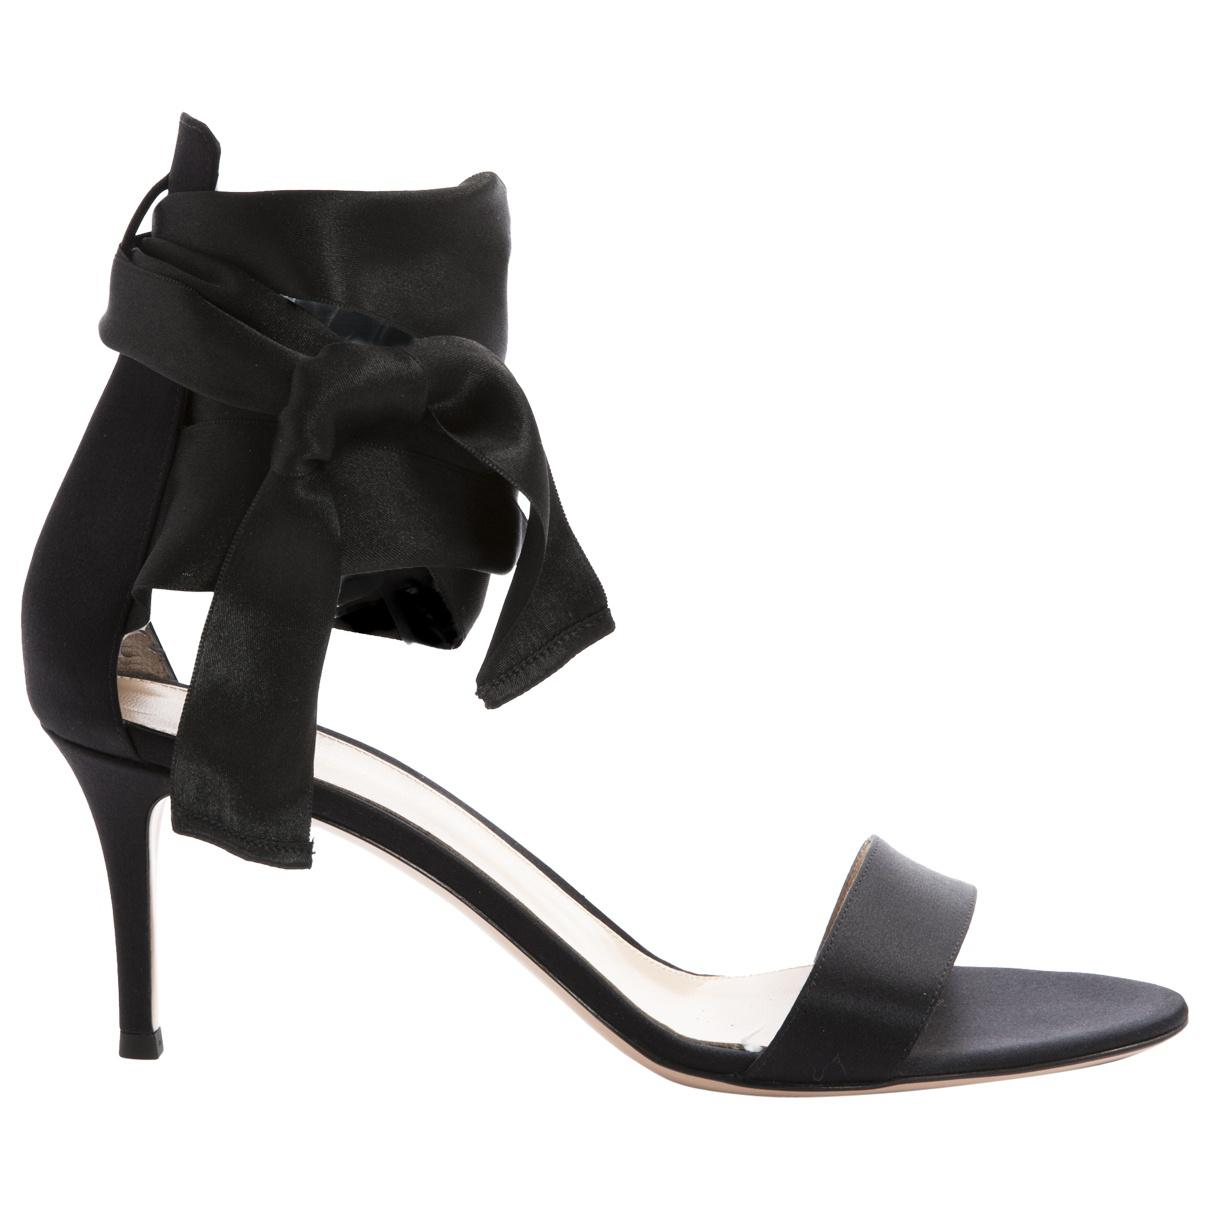 Gianvito Rossi Cloth Sandals